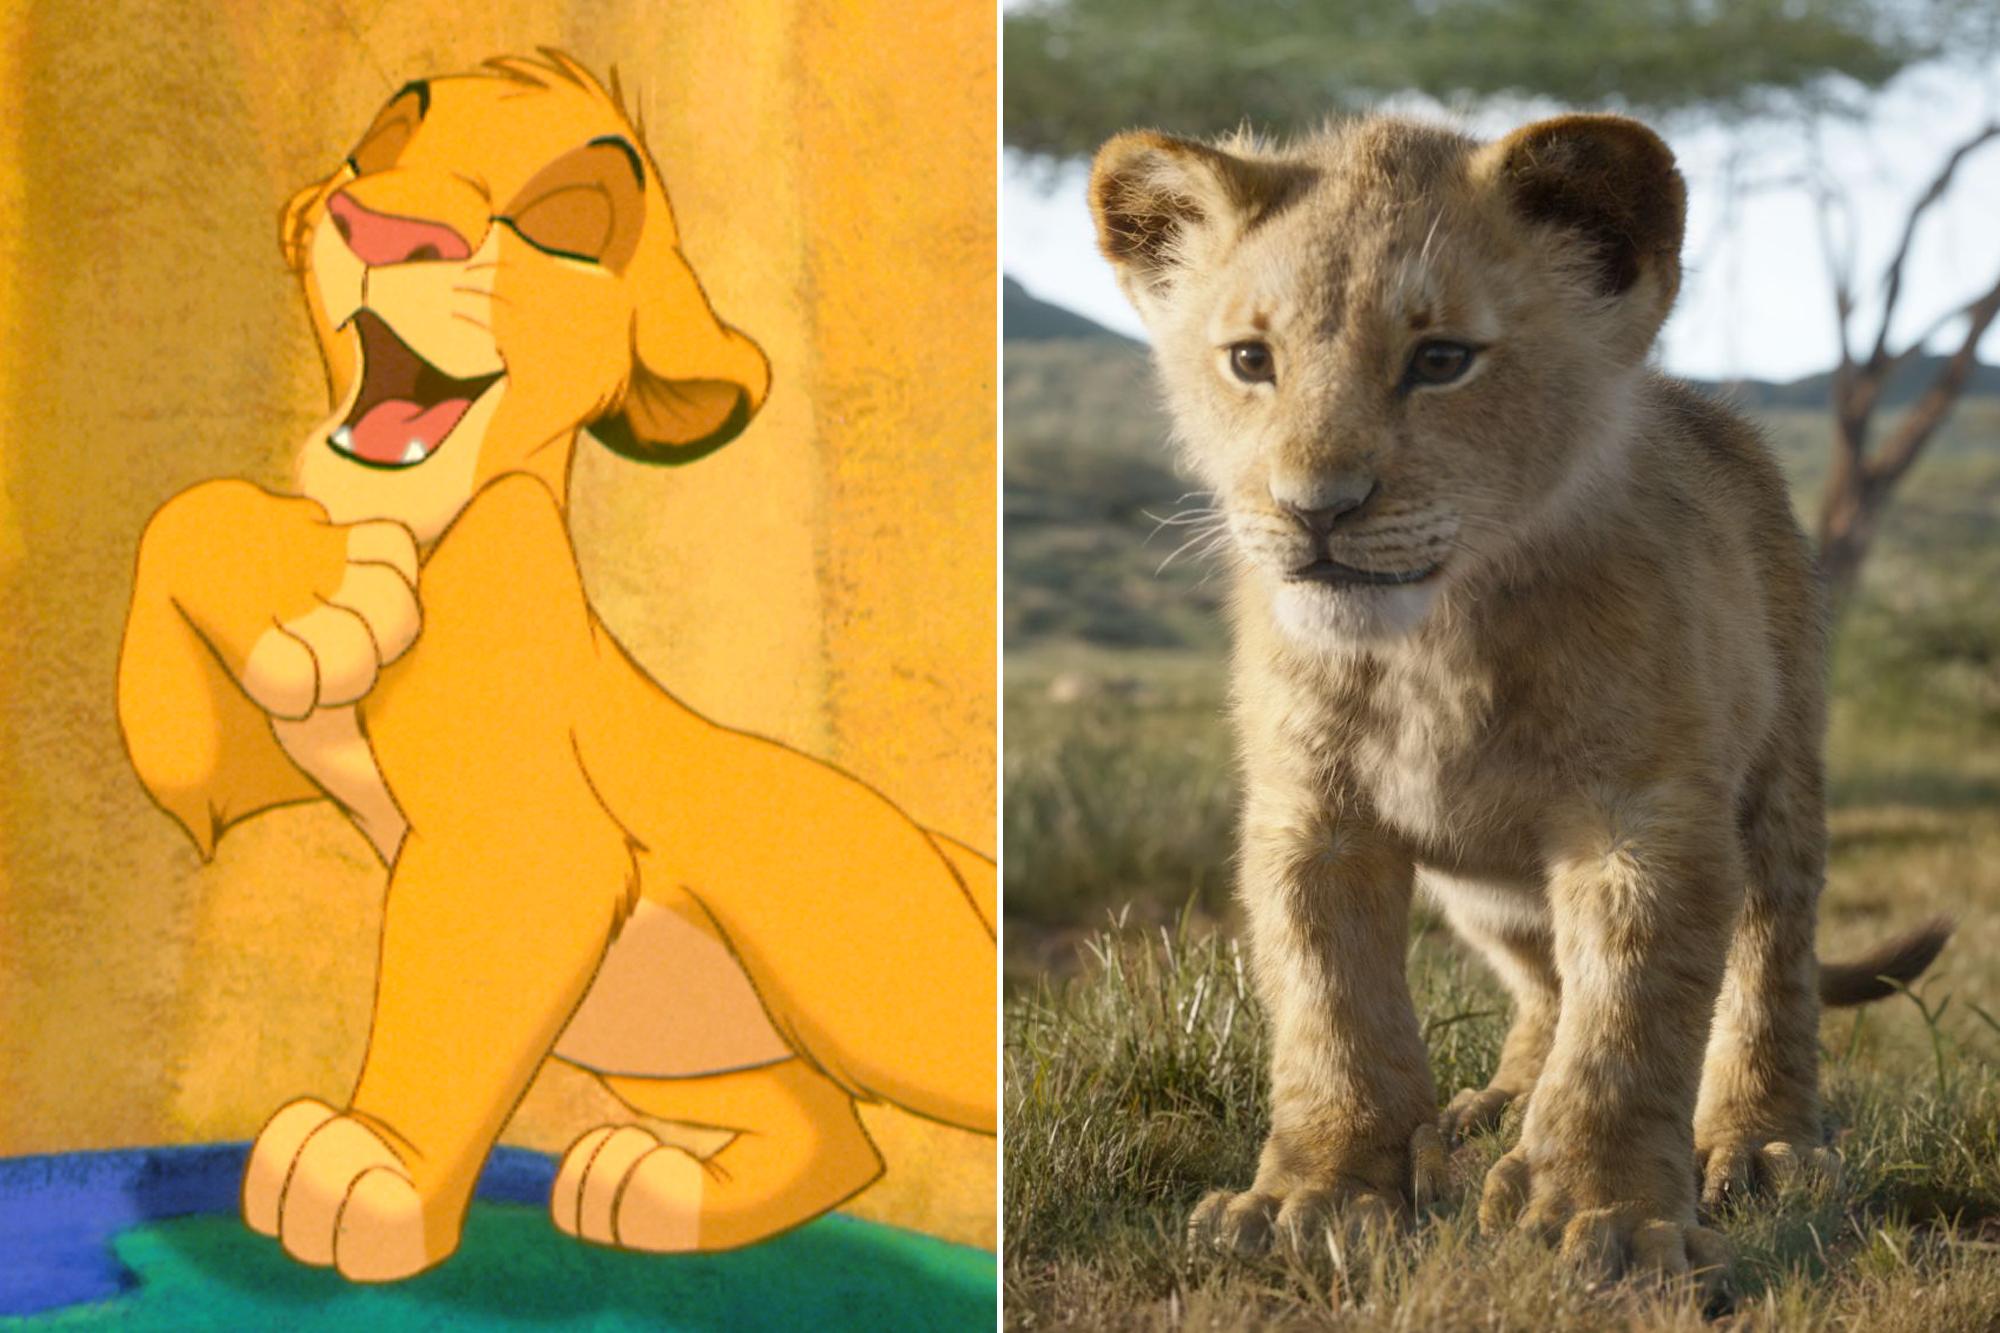 Original Lion King Animator Says Weak Cgi Remake Hurts